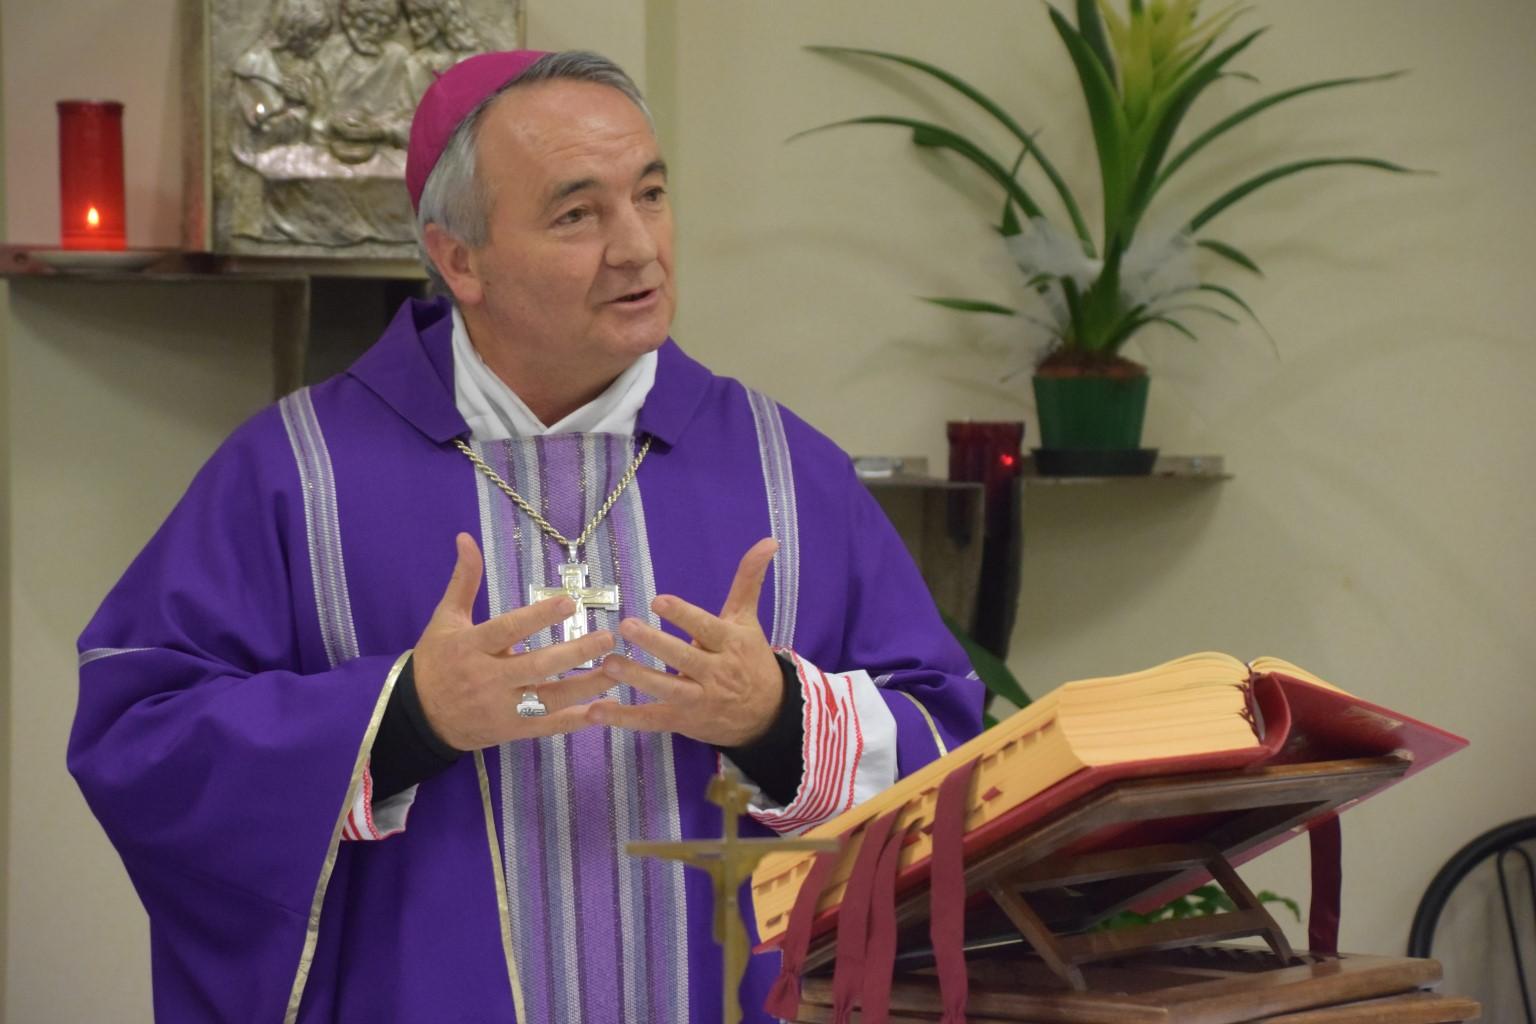 Vescovo Corazza